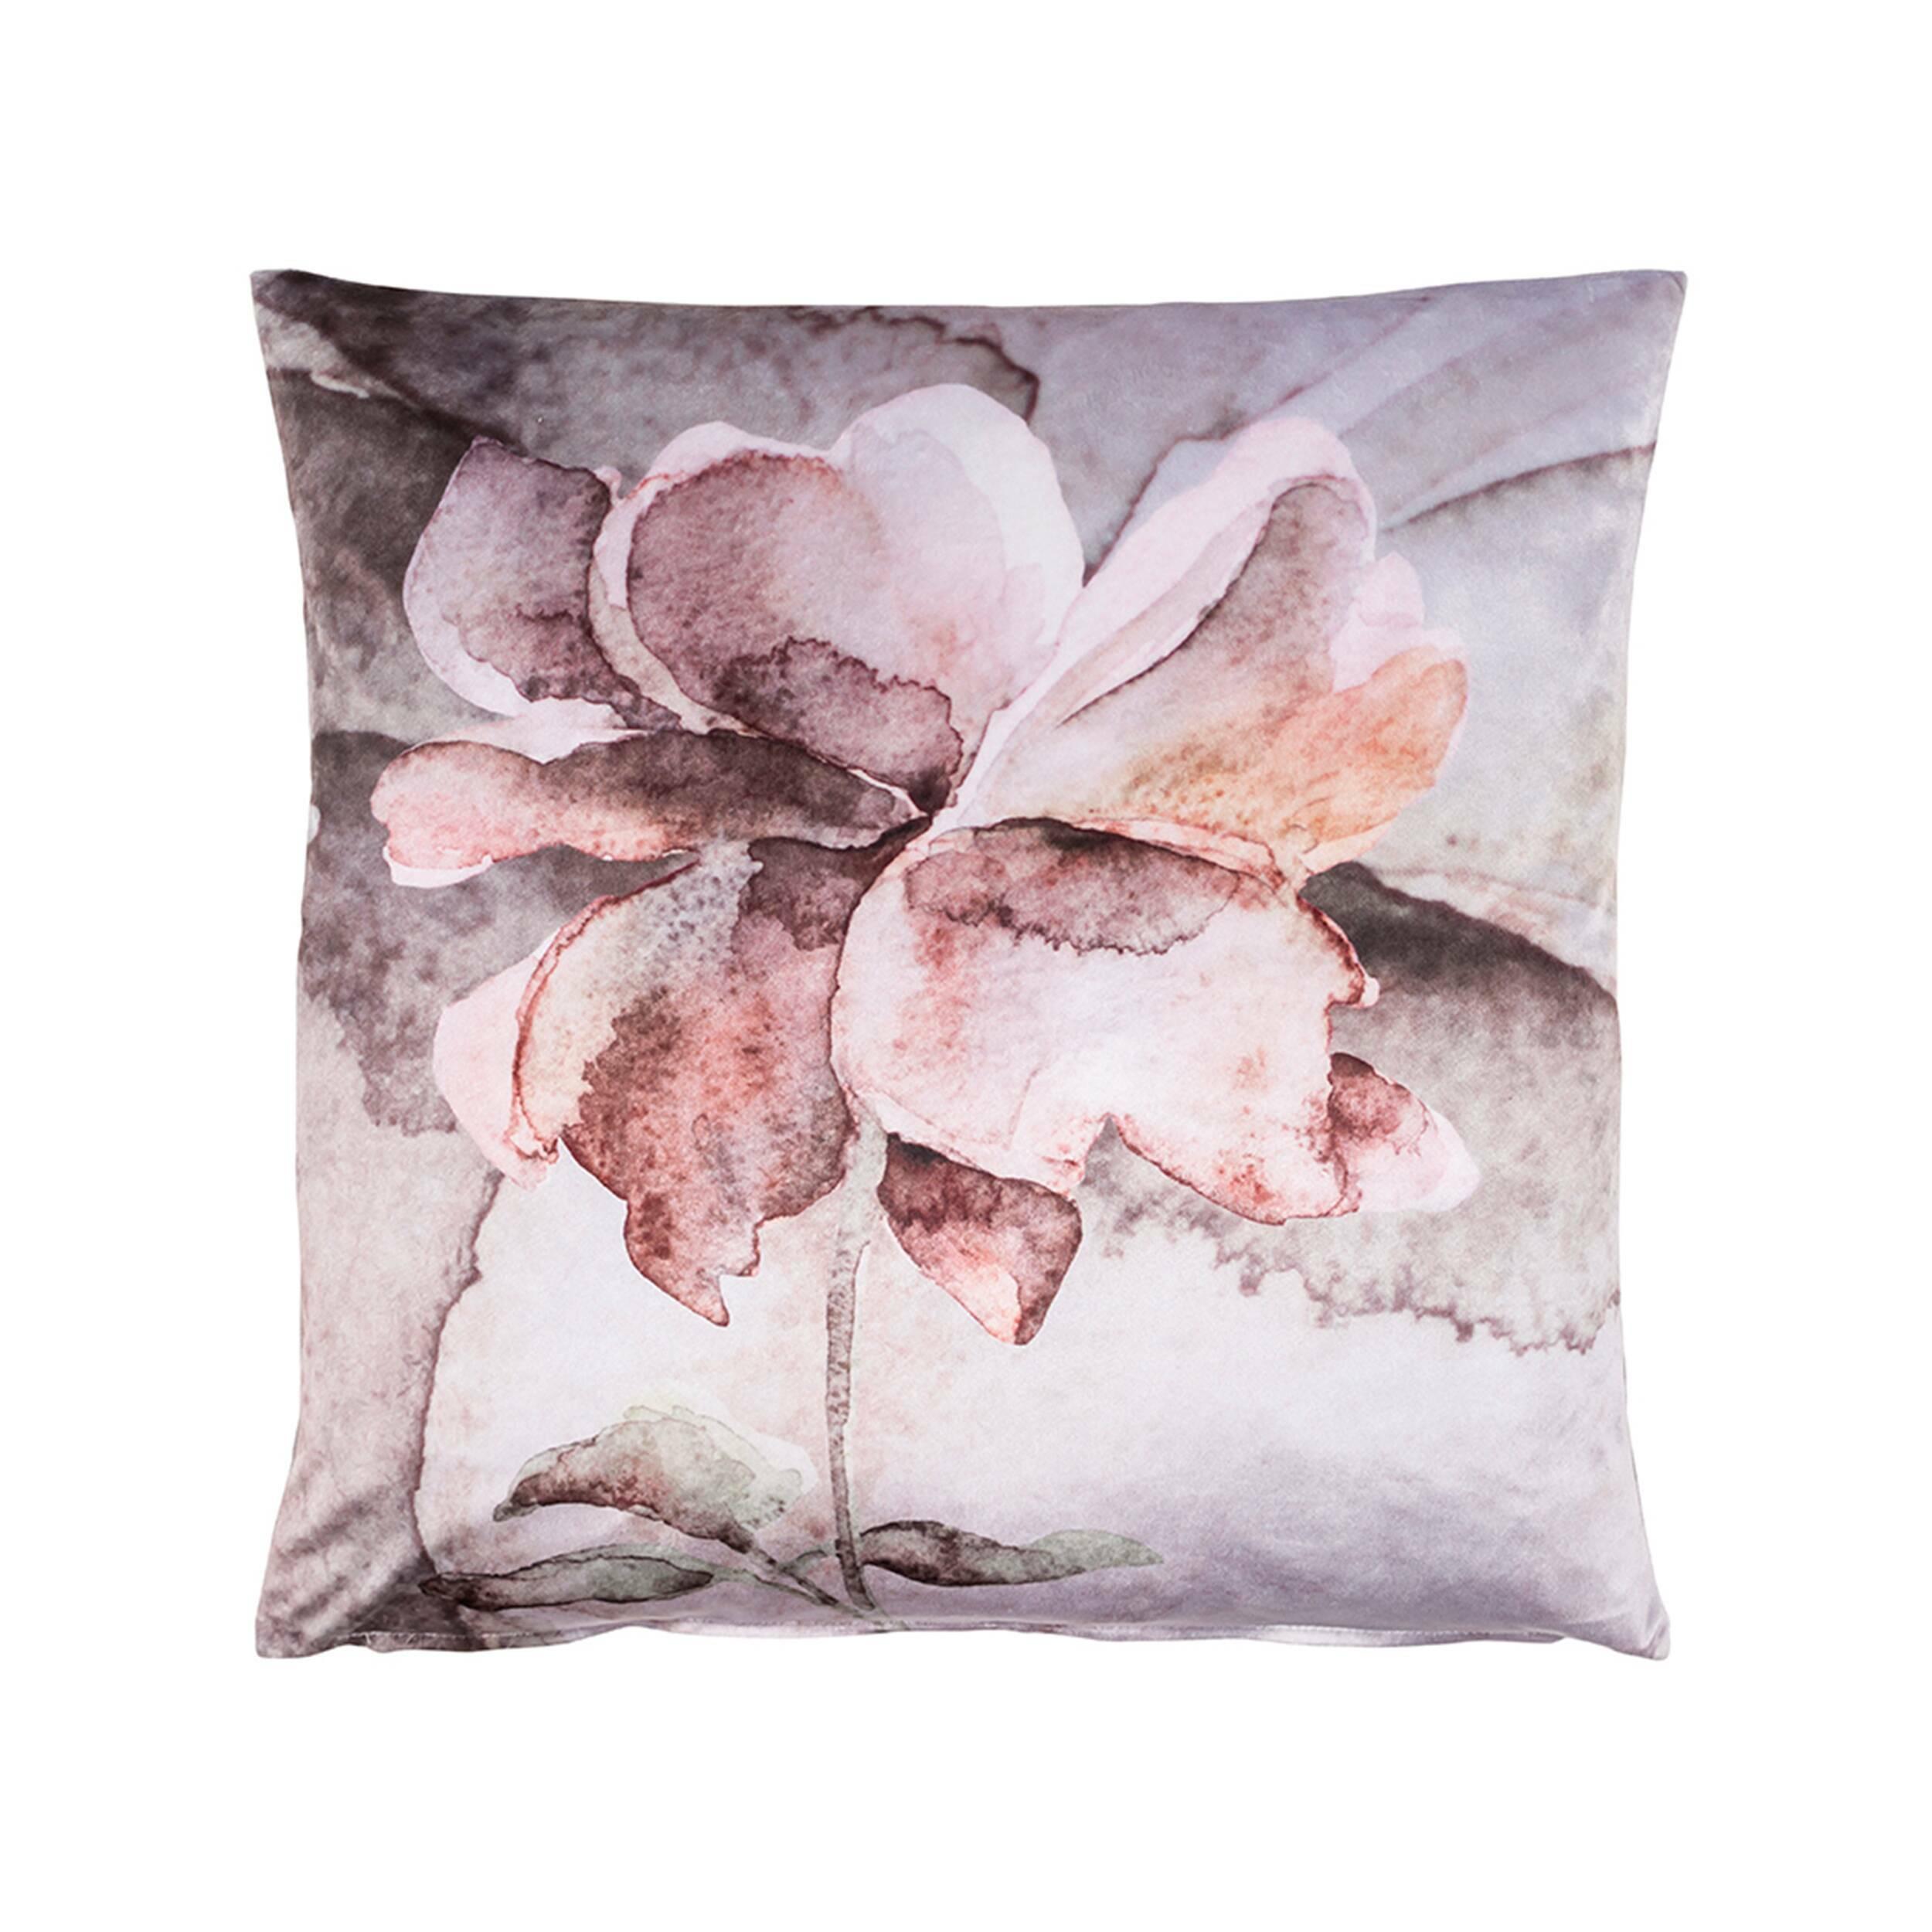 Декоративная подушка HOPEFUL (01025617597), Cosmo, Мульти, полиэстер, хлопок, перо  - Купить